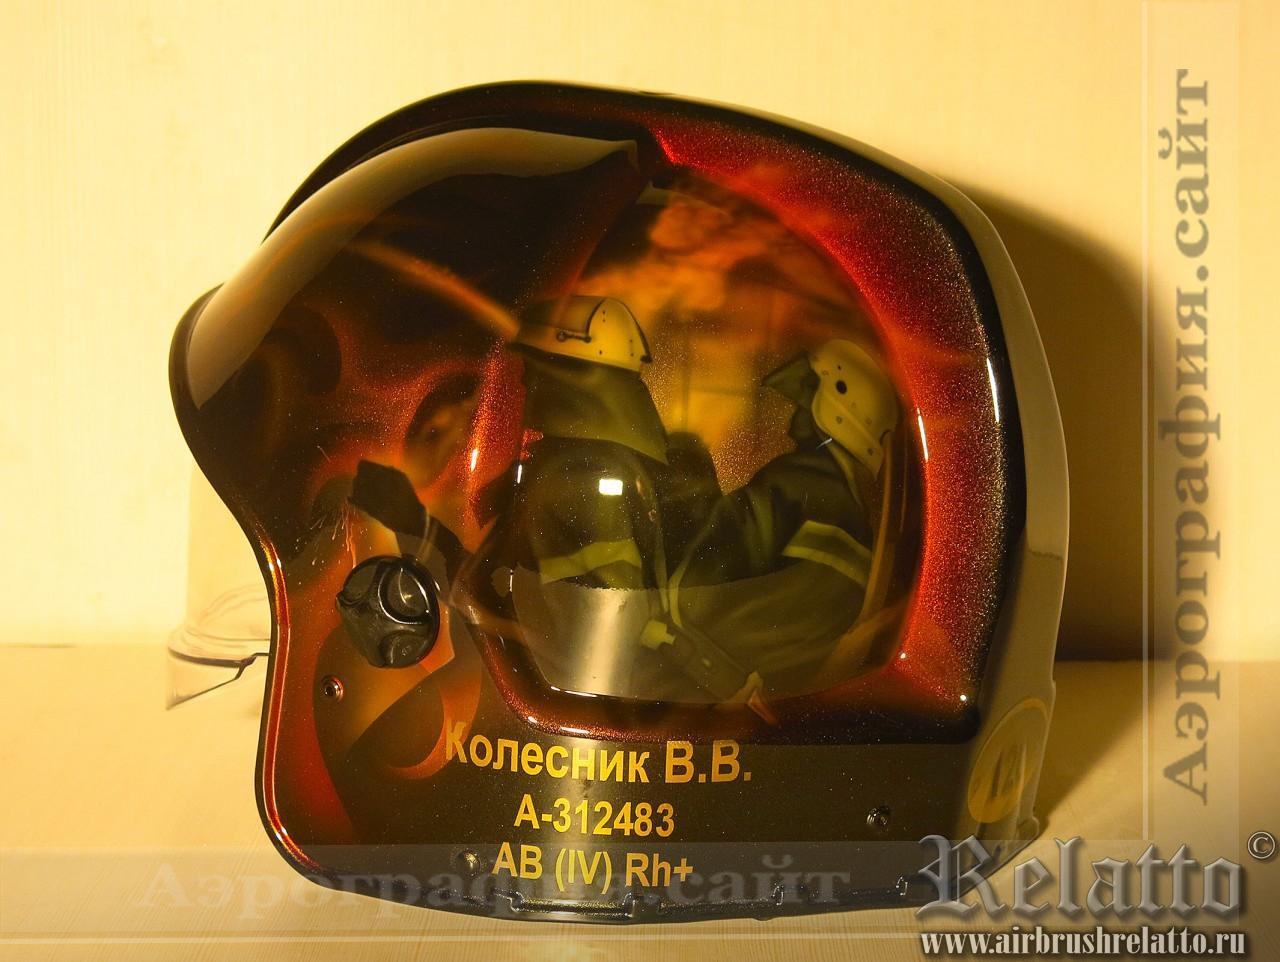 роспись пожарной каски